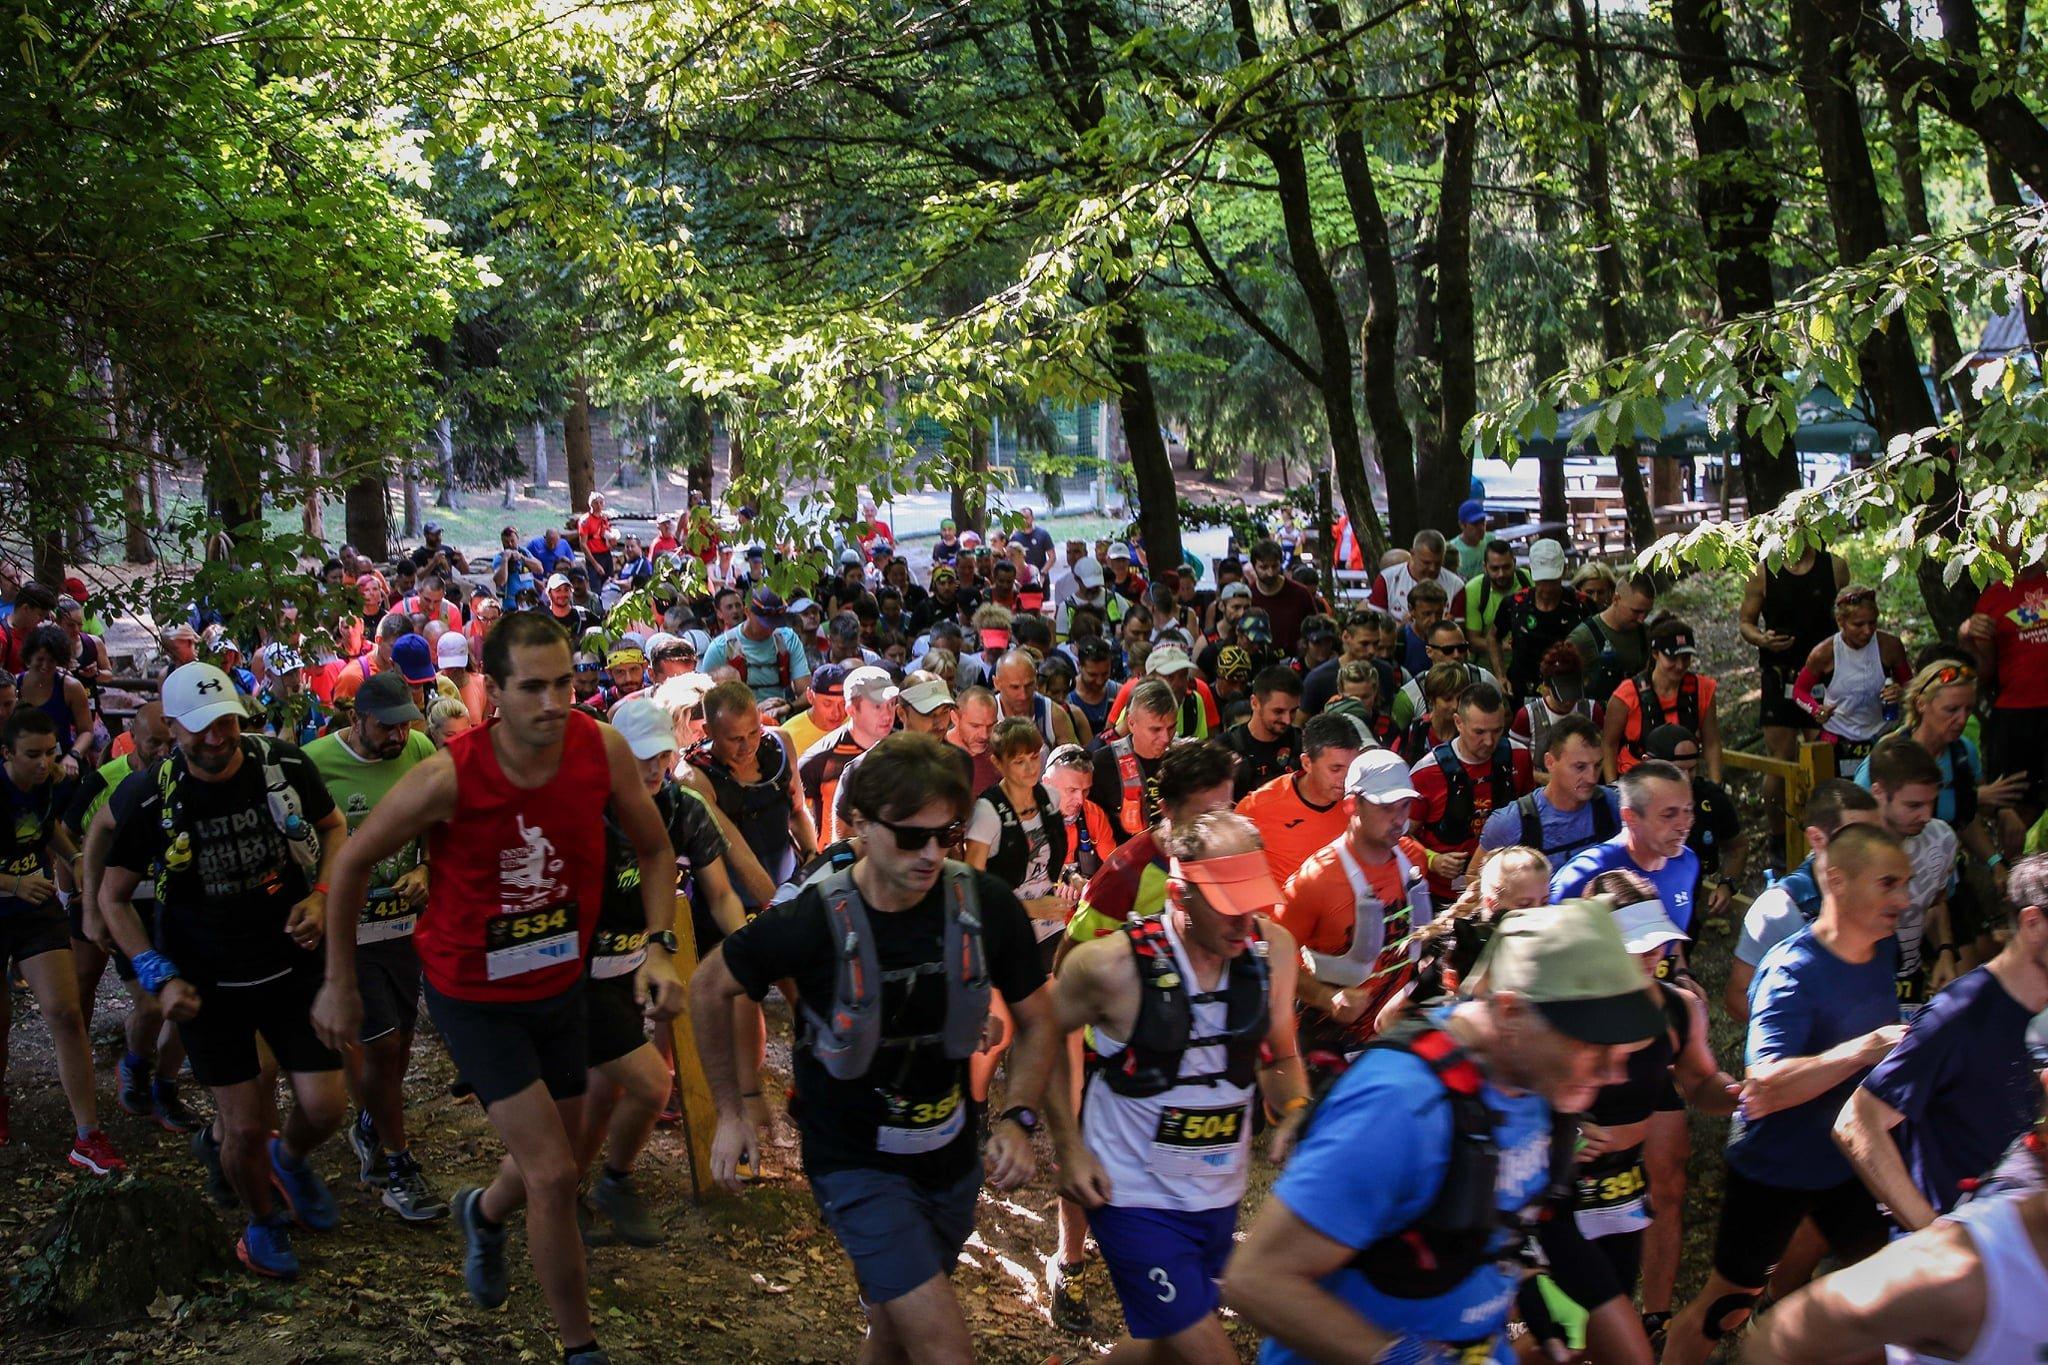 Uspješno održana međunarodna trail utrka Žumberak Trail 2021